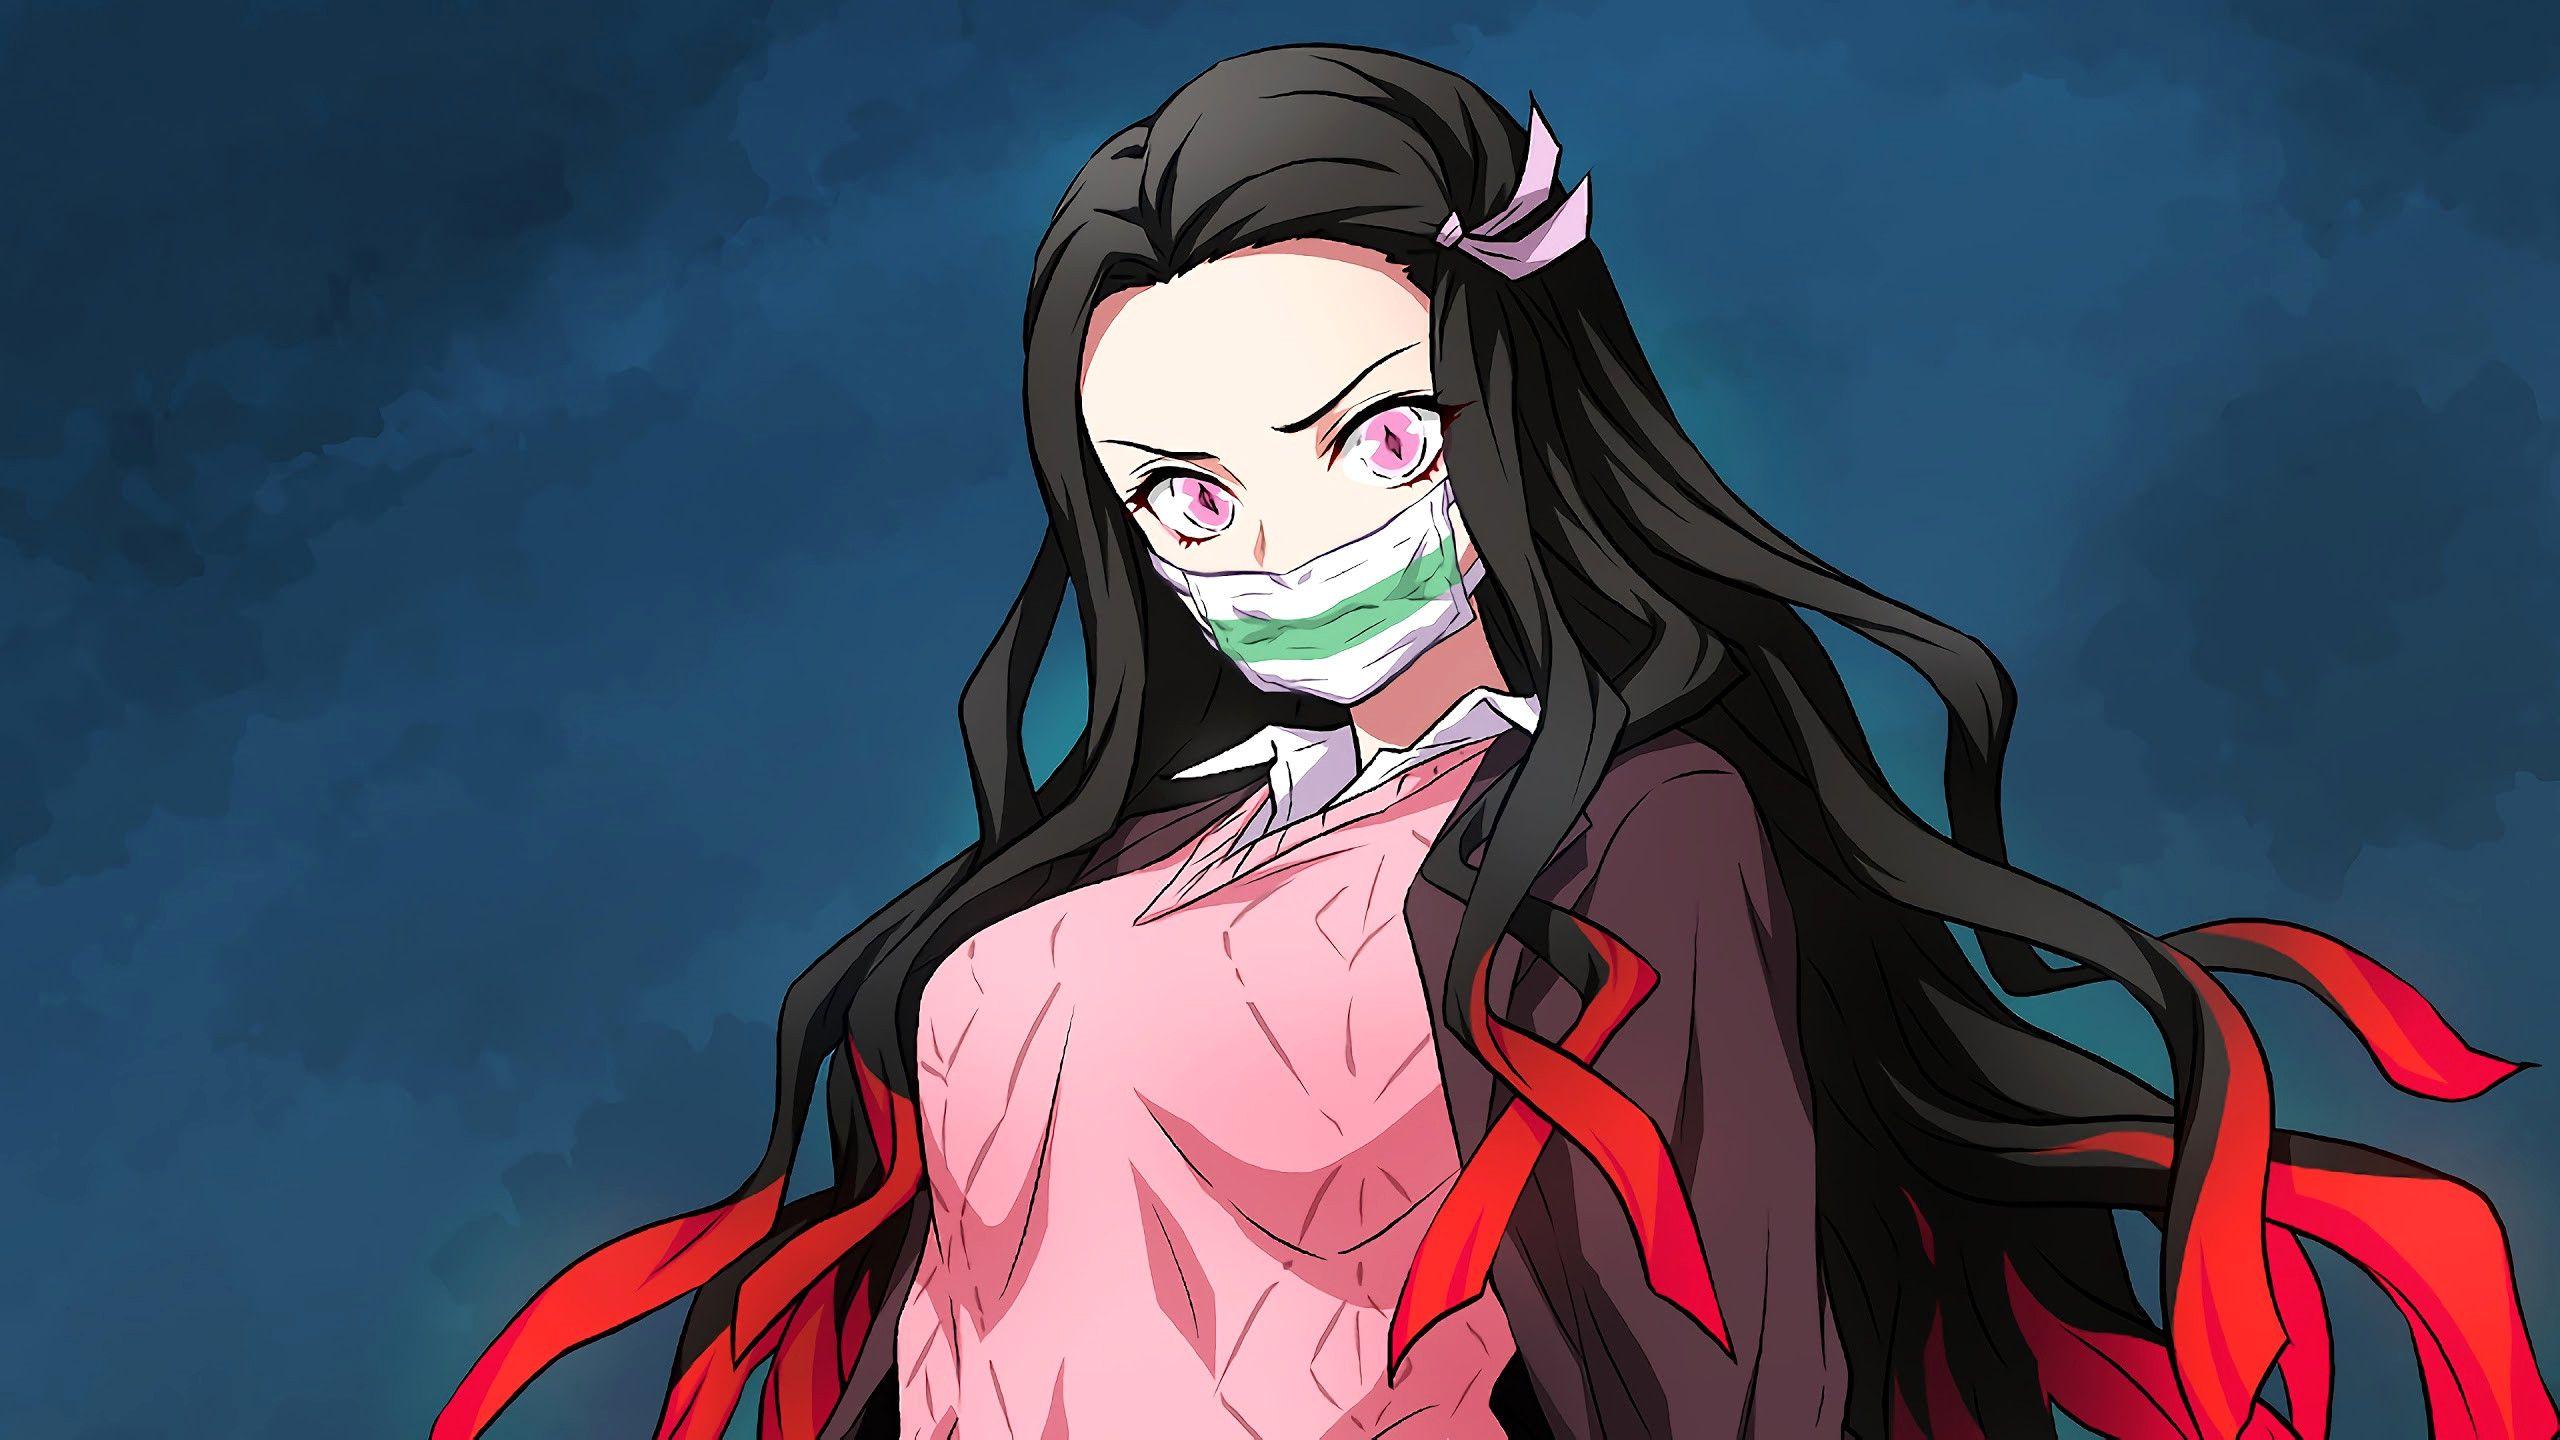 Fresh Nezuko Kamado Kimetsu No Yaiba 4k Wallpaper Anime Demon Slayer Anime Anime